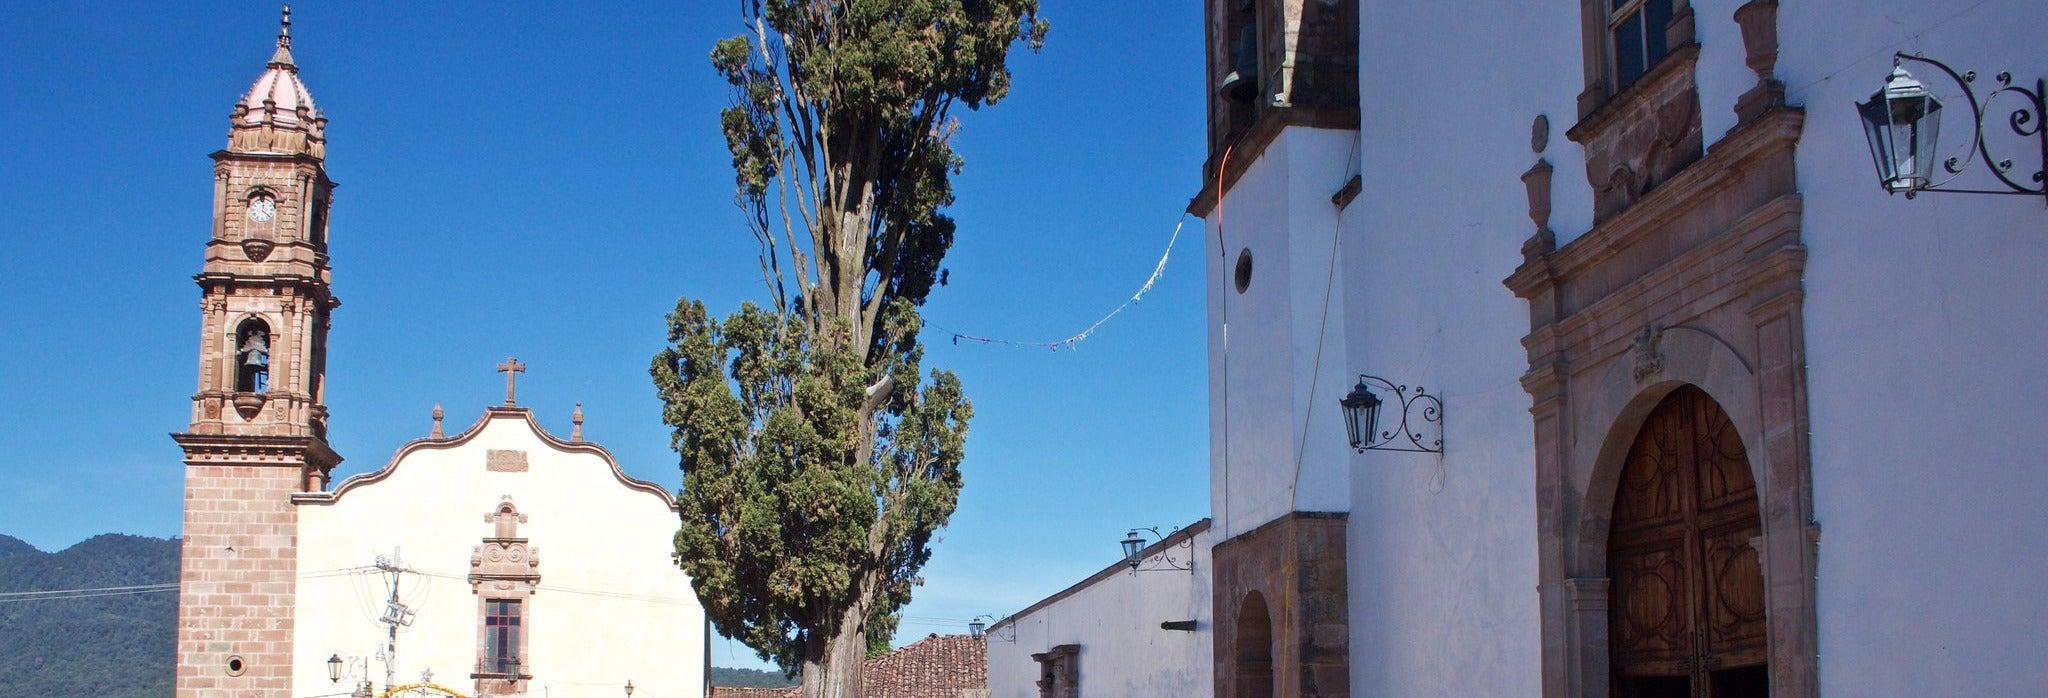 Excursión a Santa Clara del Cobre